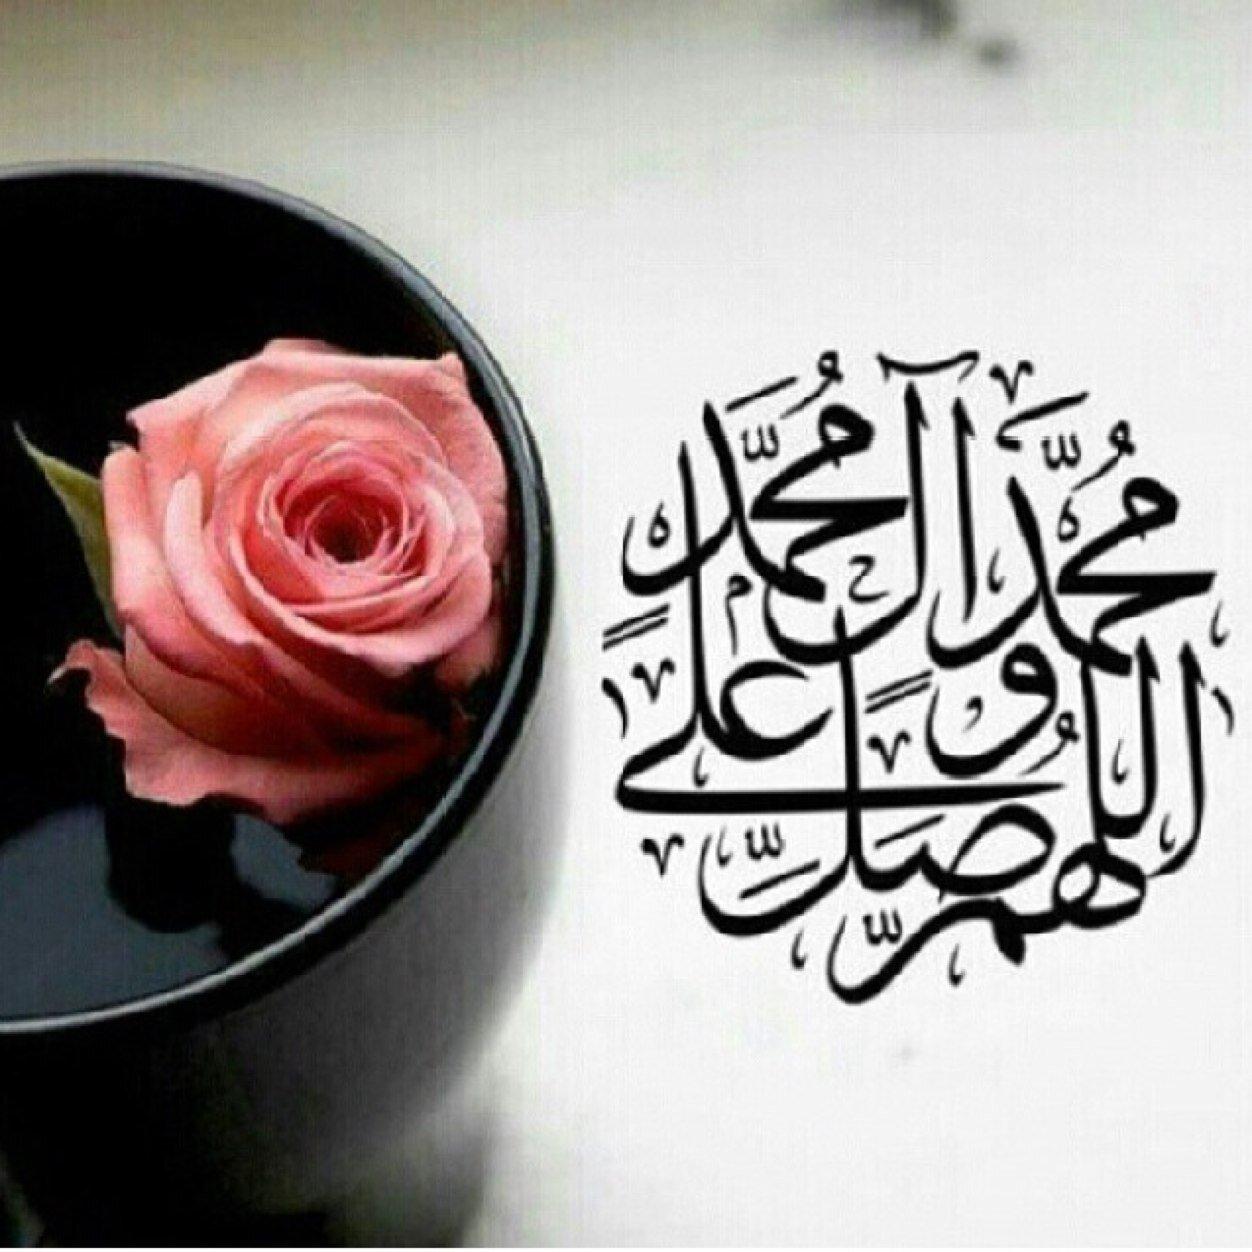 بالصور مسجات تصبحون على خير اسلامية , رسائل مسائية دينية 2019 3877 8